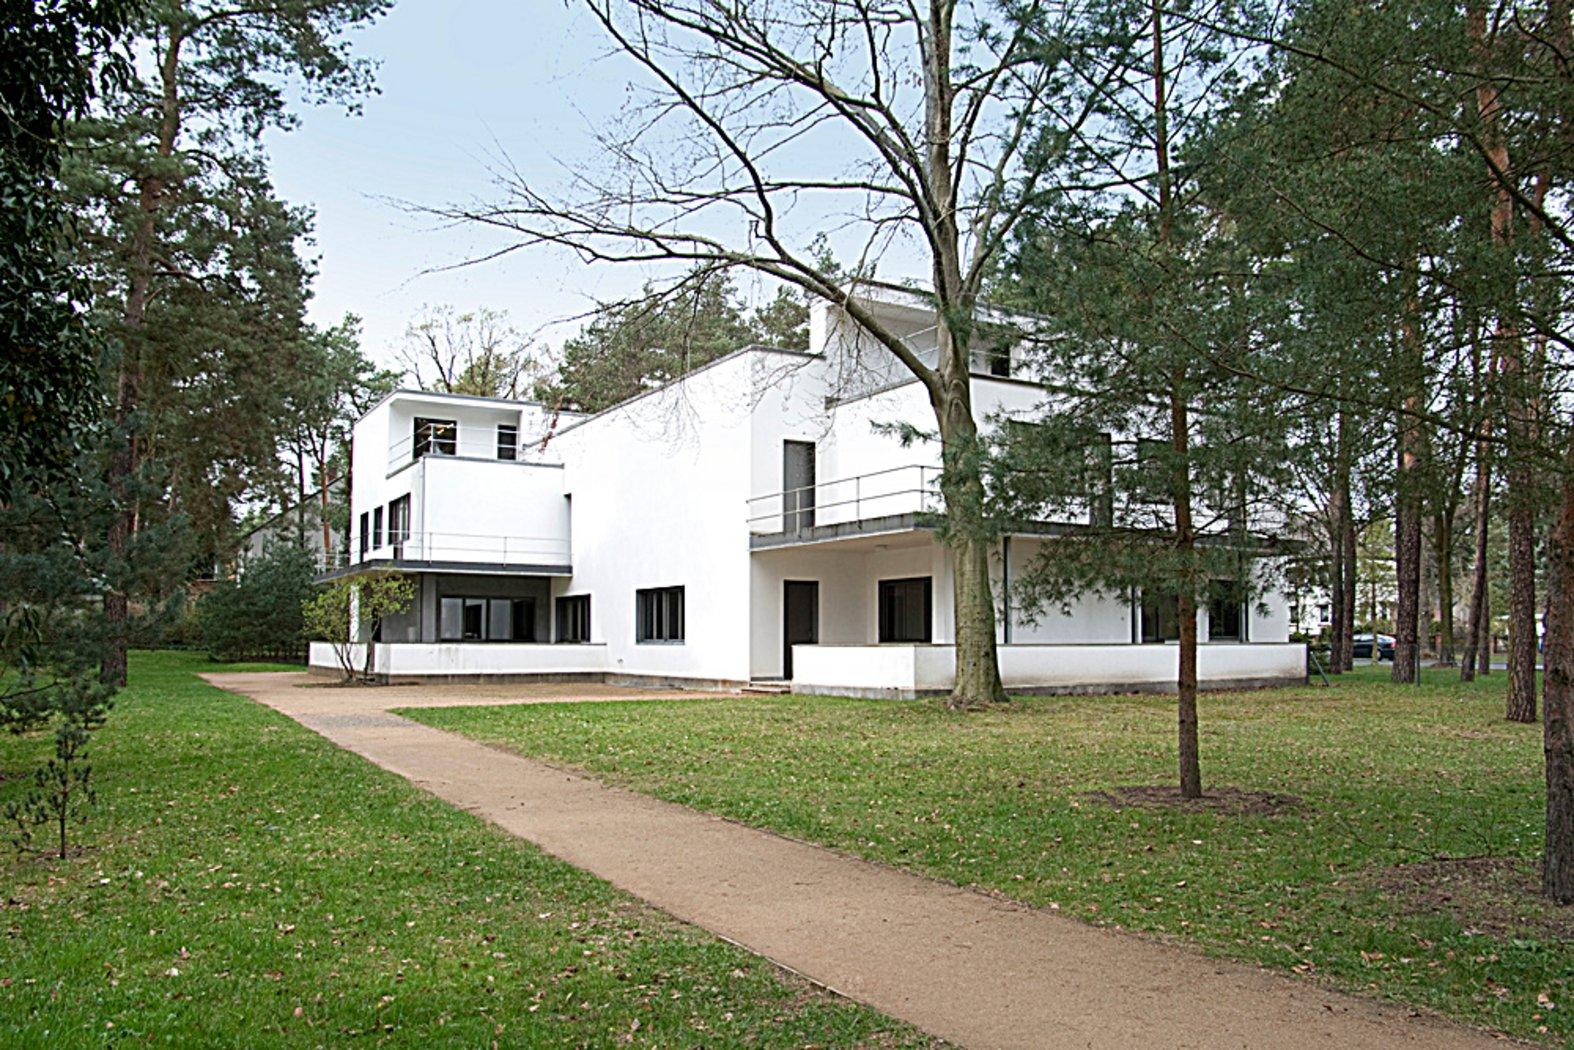 Gropius House masters houses by walter gropius 1925 26 bauhaus buildings in